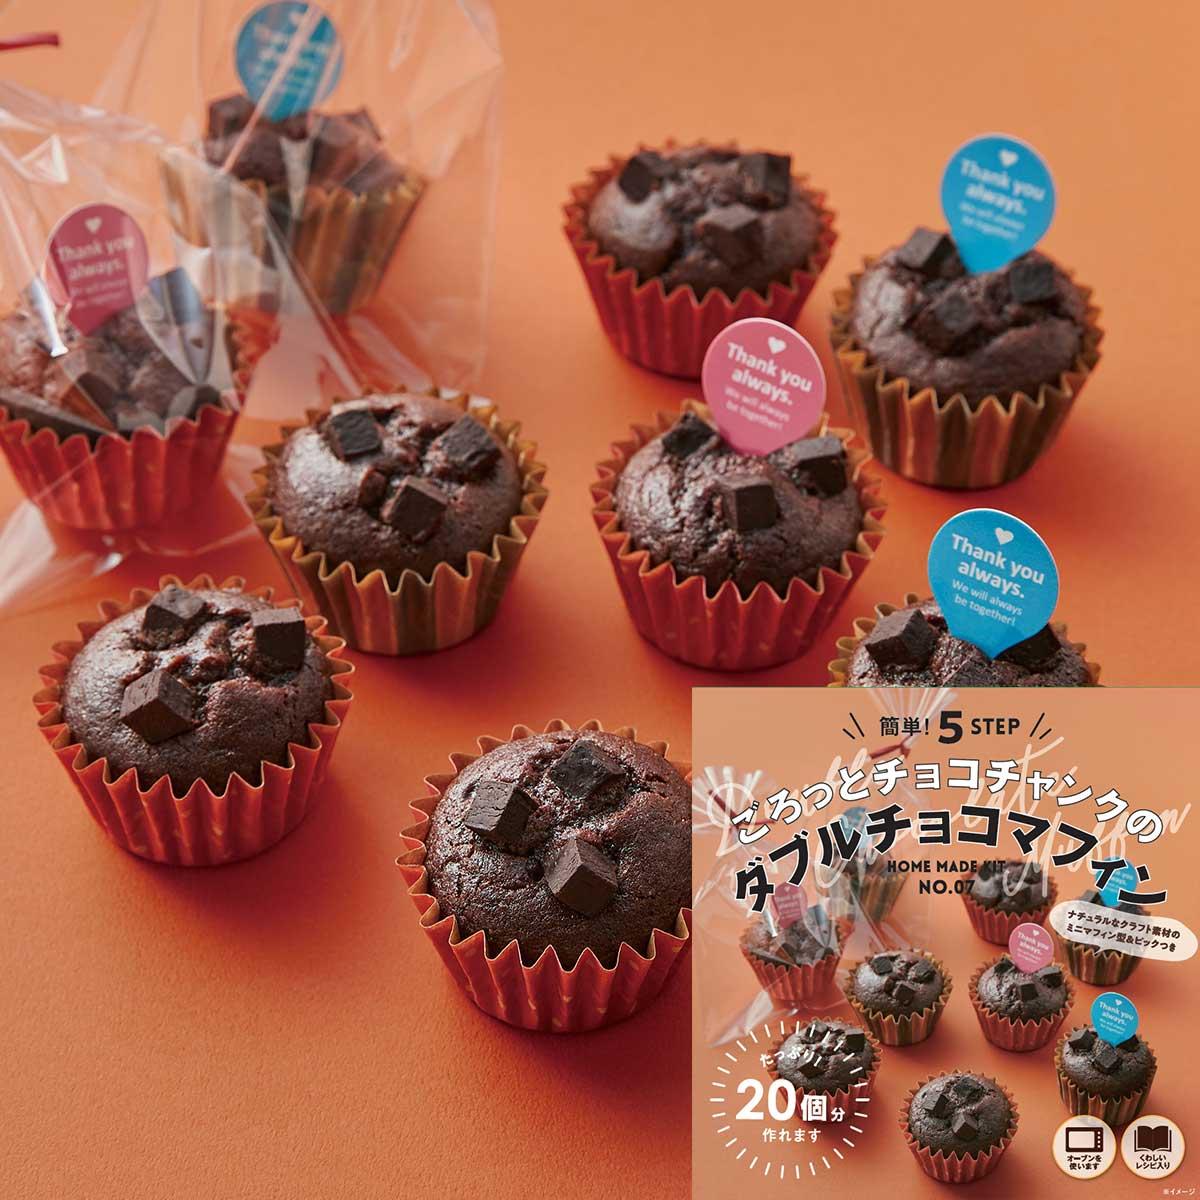 30個作れる手作りキット ふんわりチョコカップケーキ ラッピング付き カップケーキ マフィン 簡単 友チョコ かわいい 可愛い 友チョコ バレンタイン 手作り 製菓 手作りキット